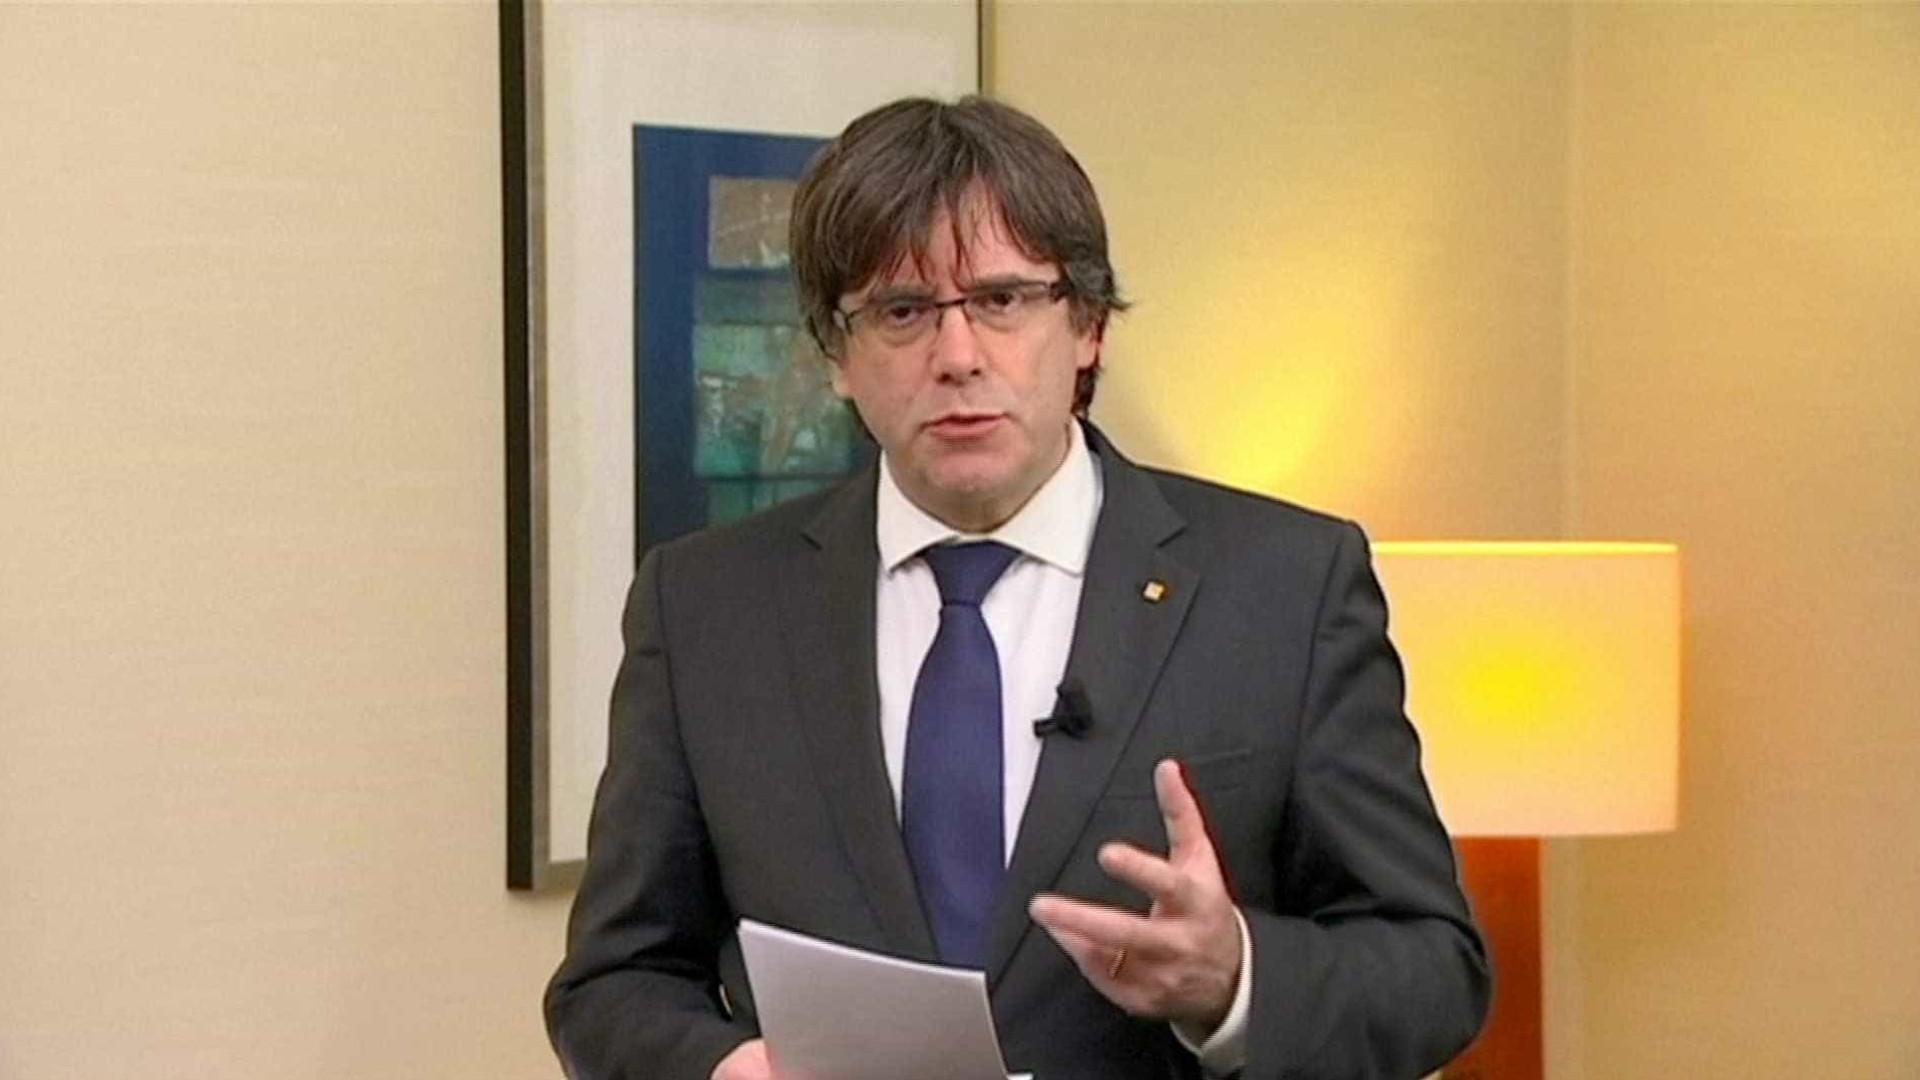 Puigdemont questiona Juncker e deixa apelo à Europa